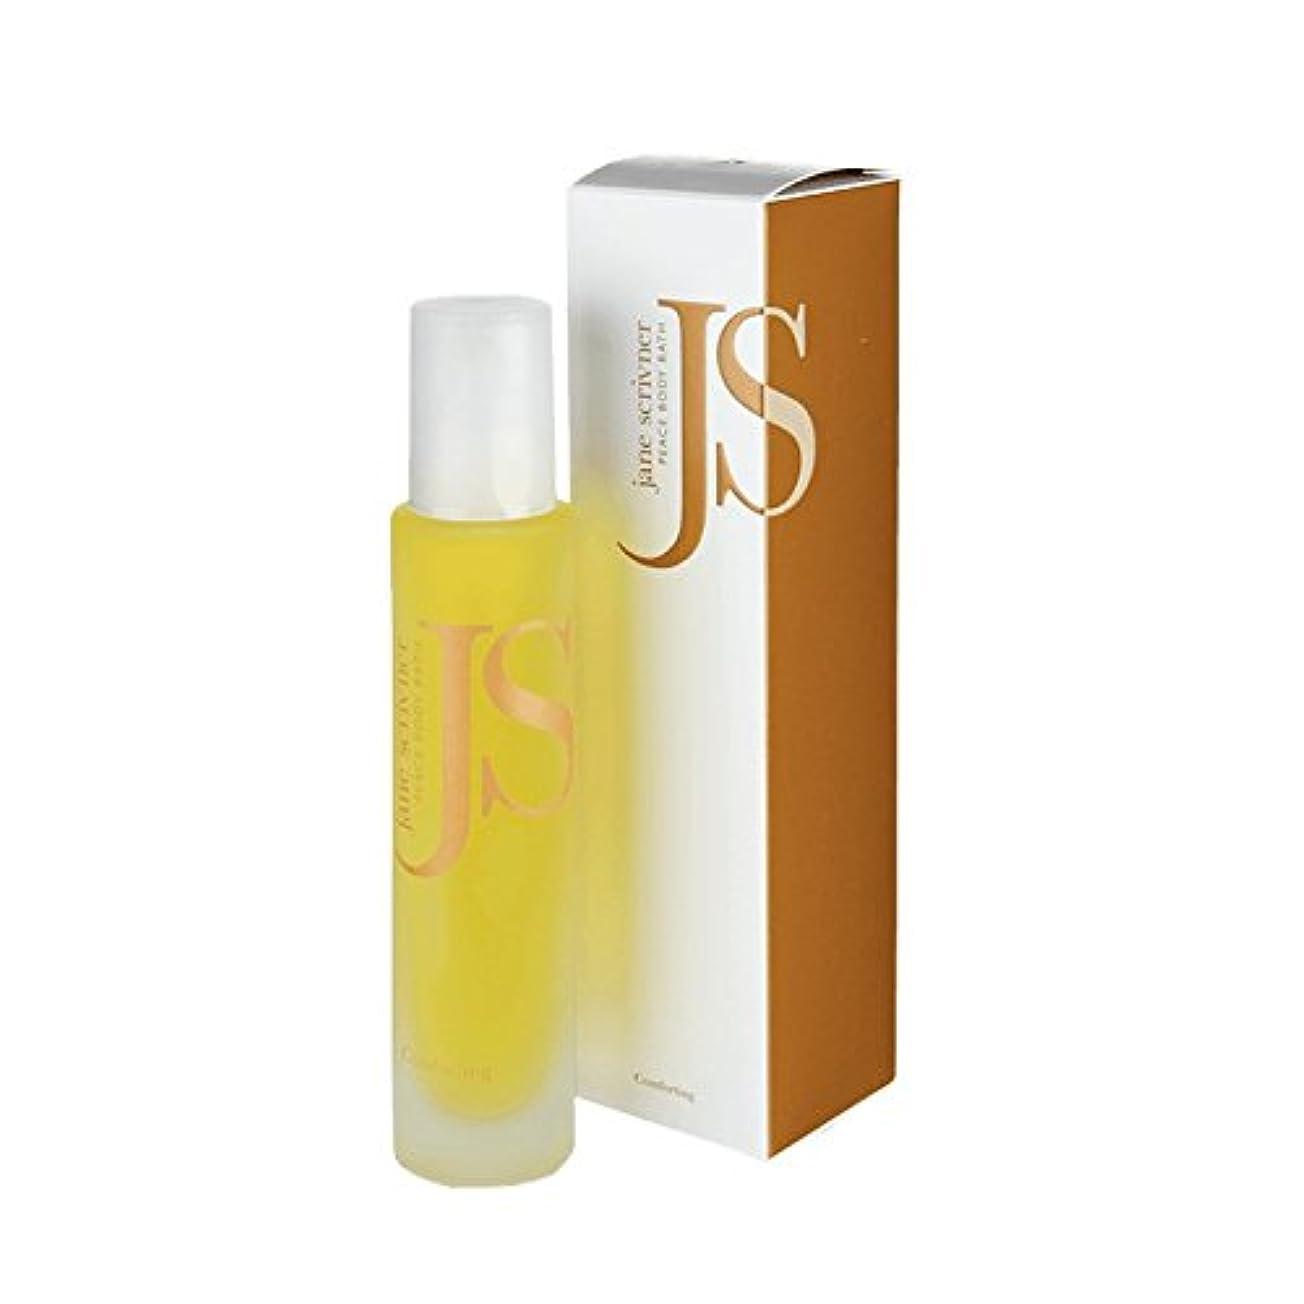 スズメバチ鋭く出席するJane Scrivner Body Bath Oil Peace 100ml (Pack of 2) - ジェーンScrivnerボディバスオイル平和100ミリリットル (x2) [並行輸入品]